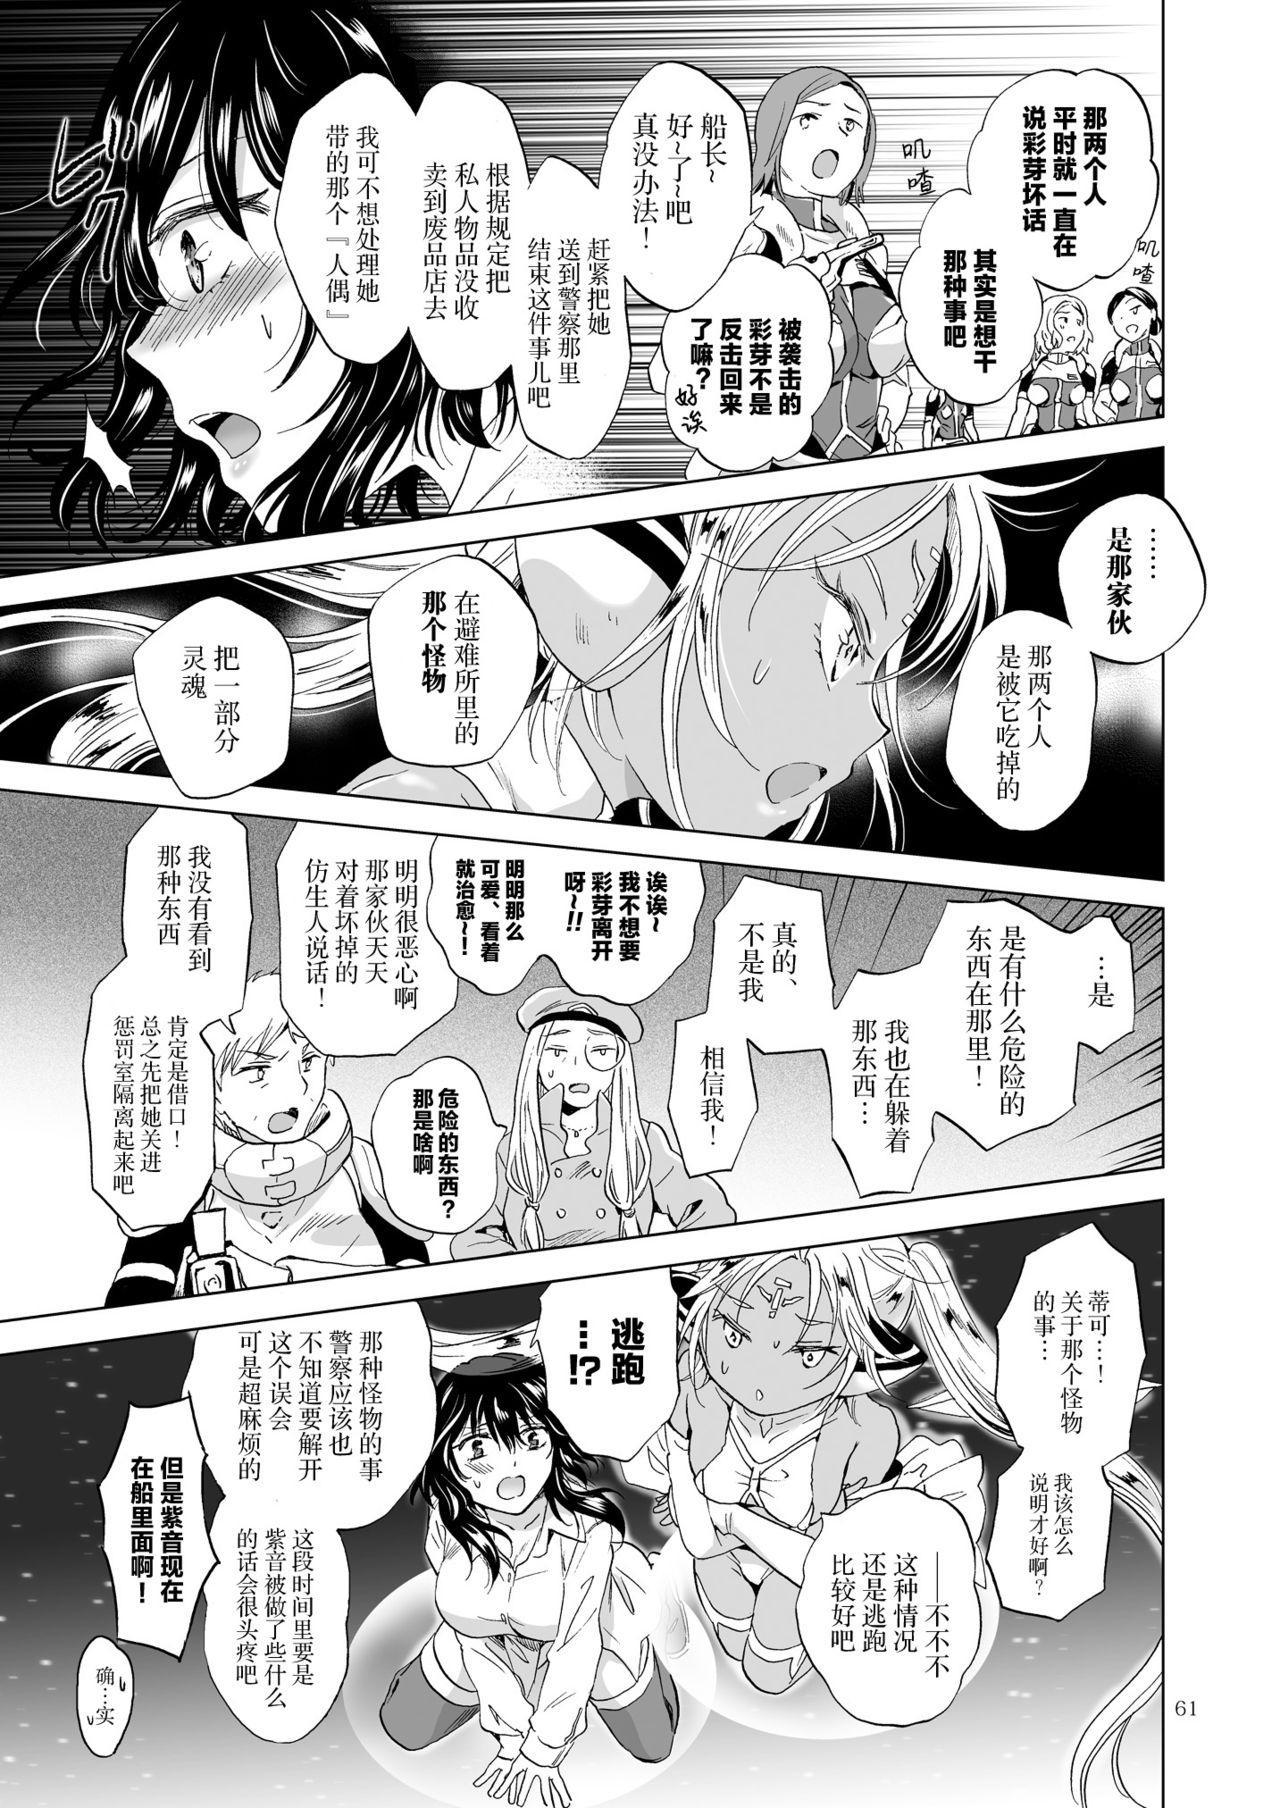 夢色のレプリカ【上】アンドロイドと背徳の契り 60